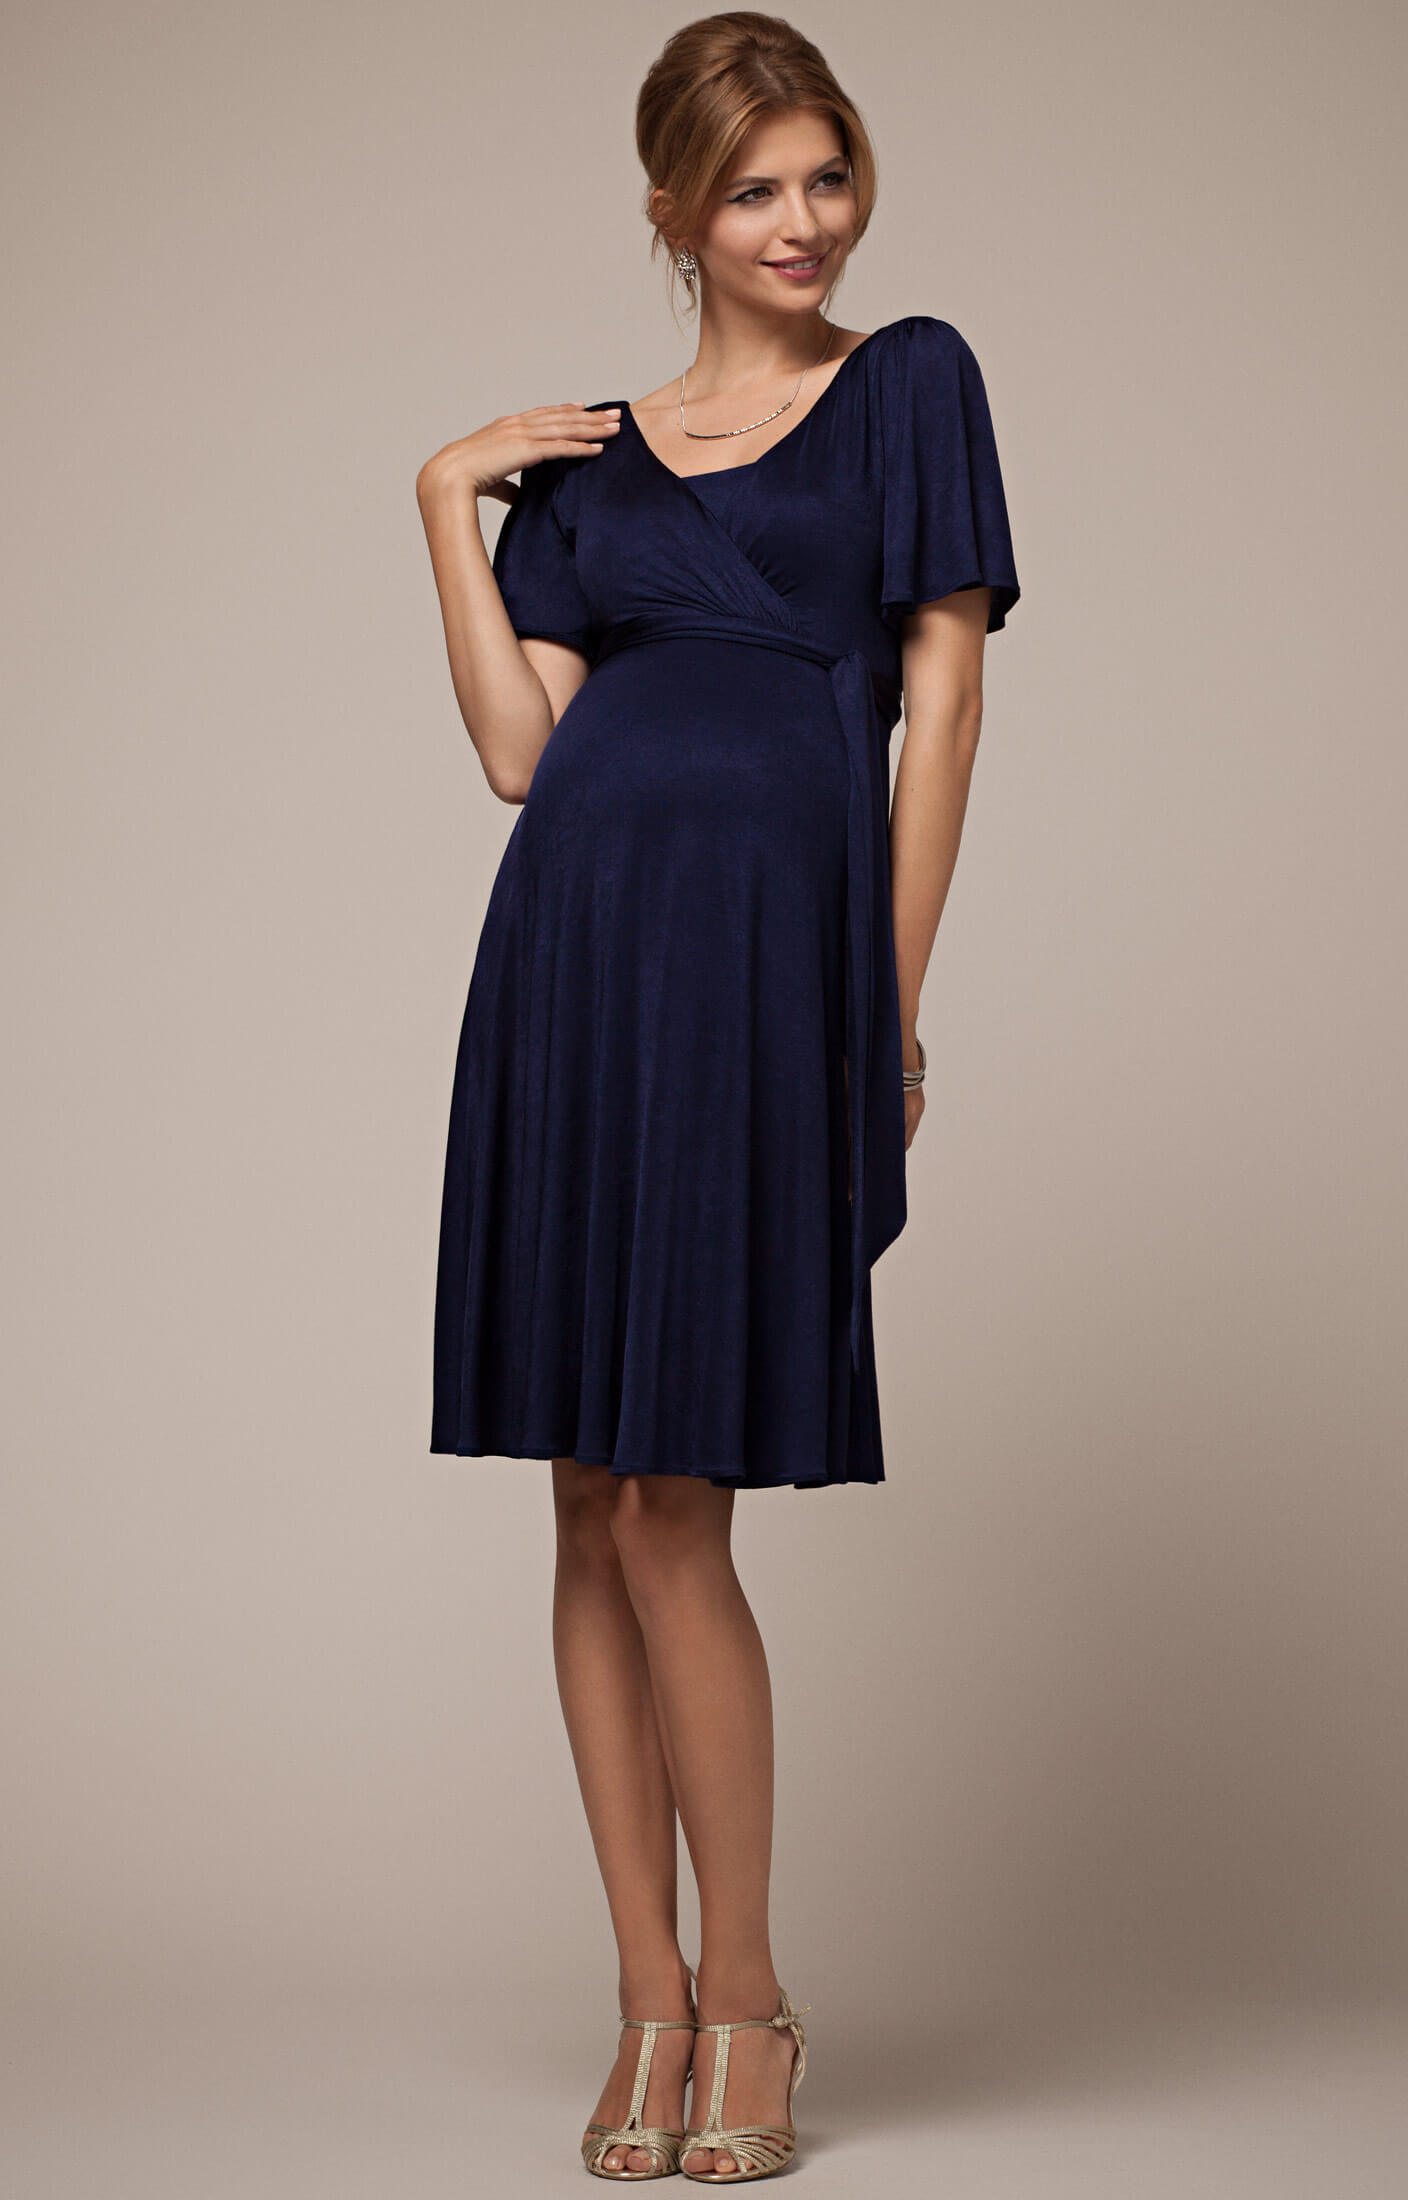 Stillkleid Alicia - Eclipse Blau - Umstandshochzeitskleider ...